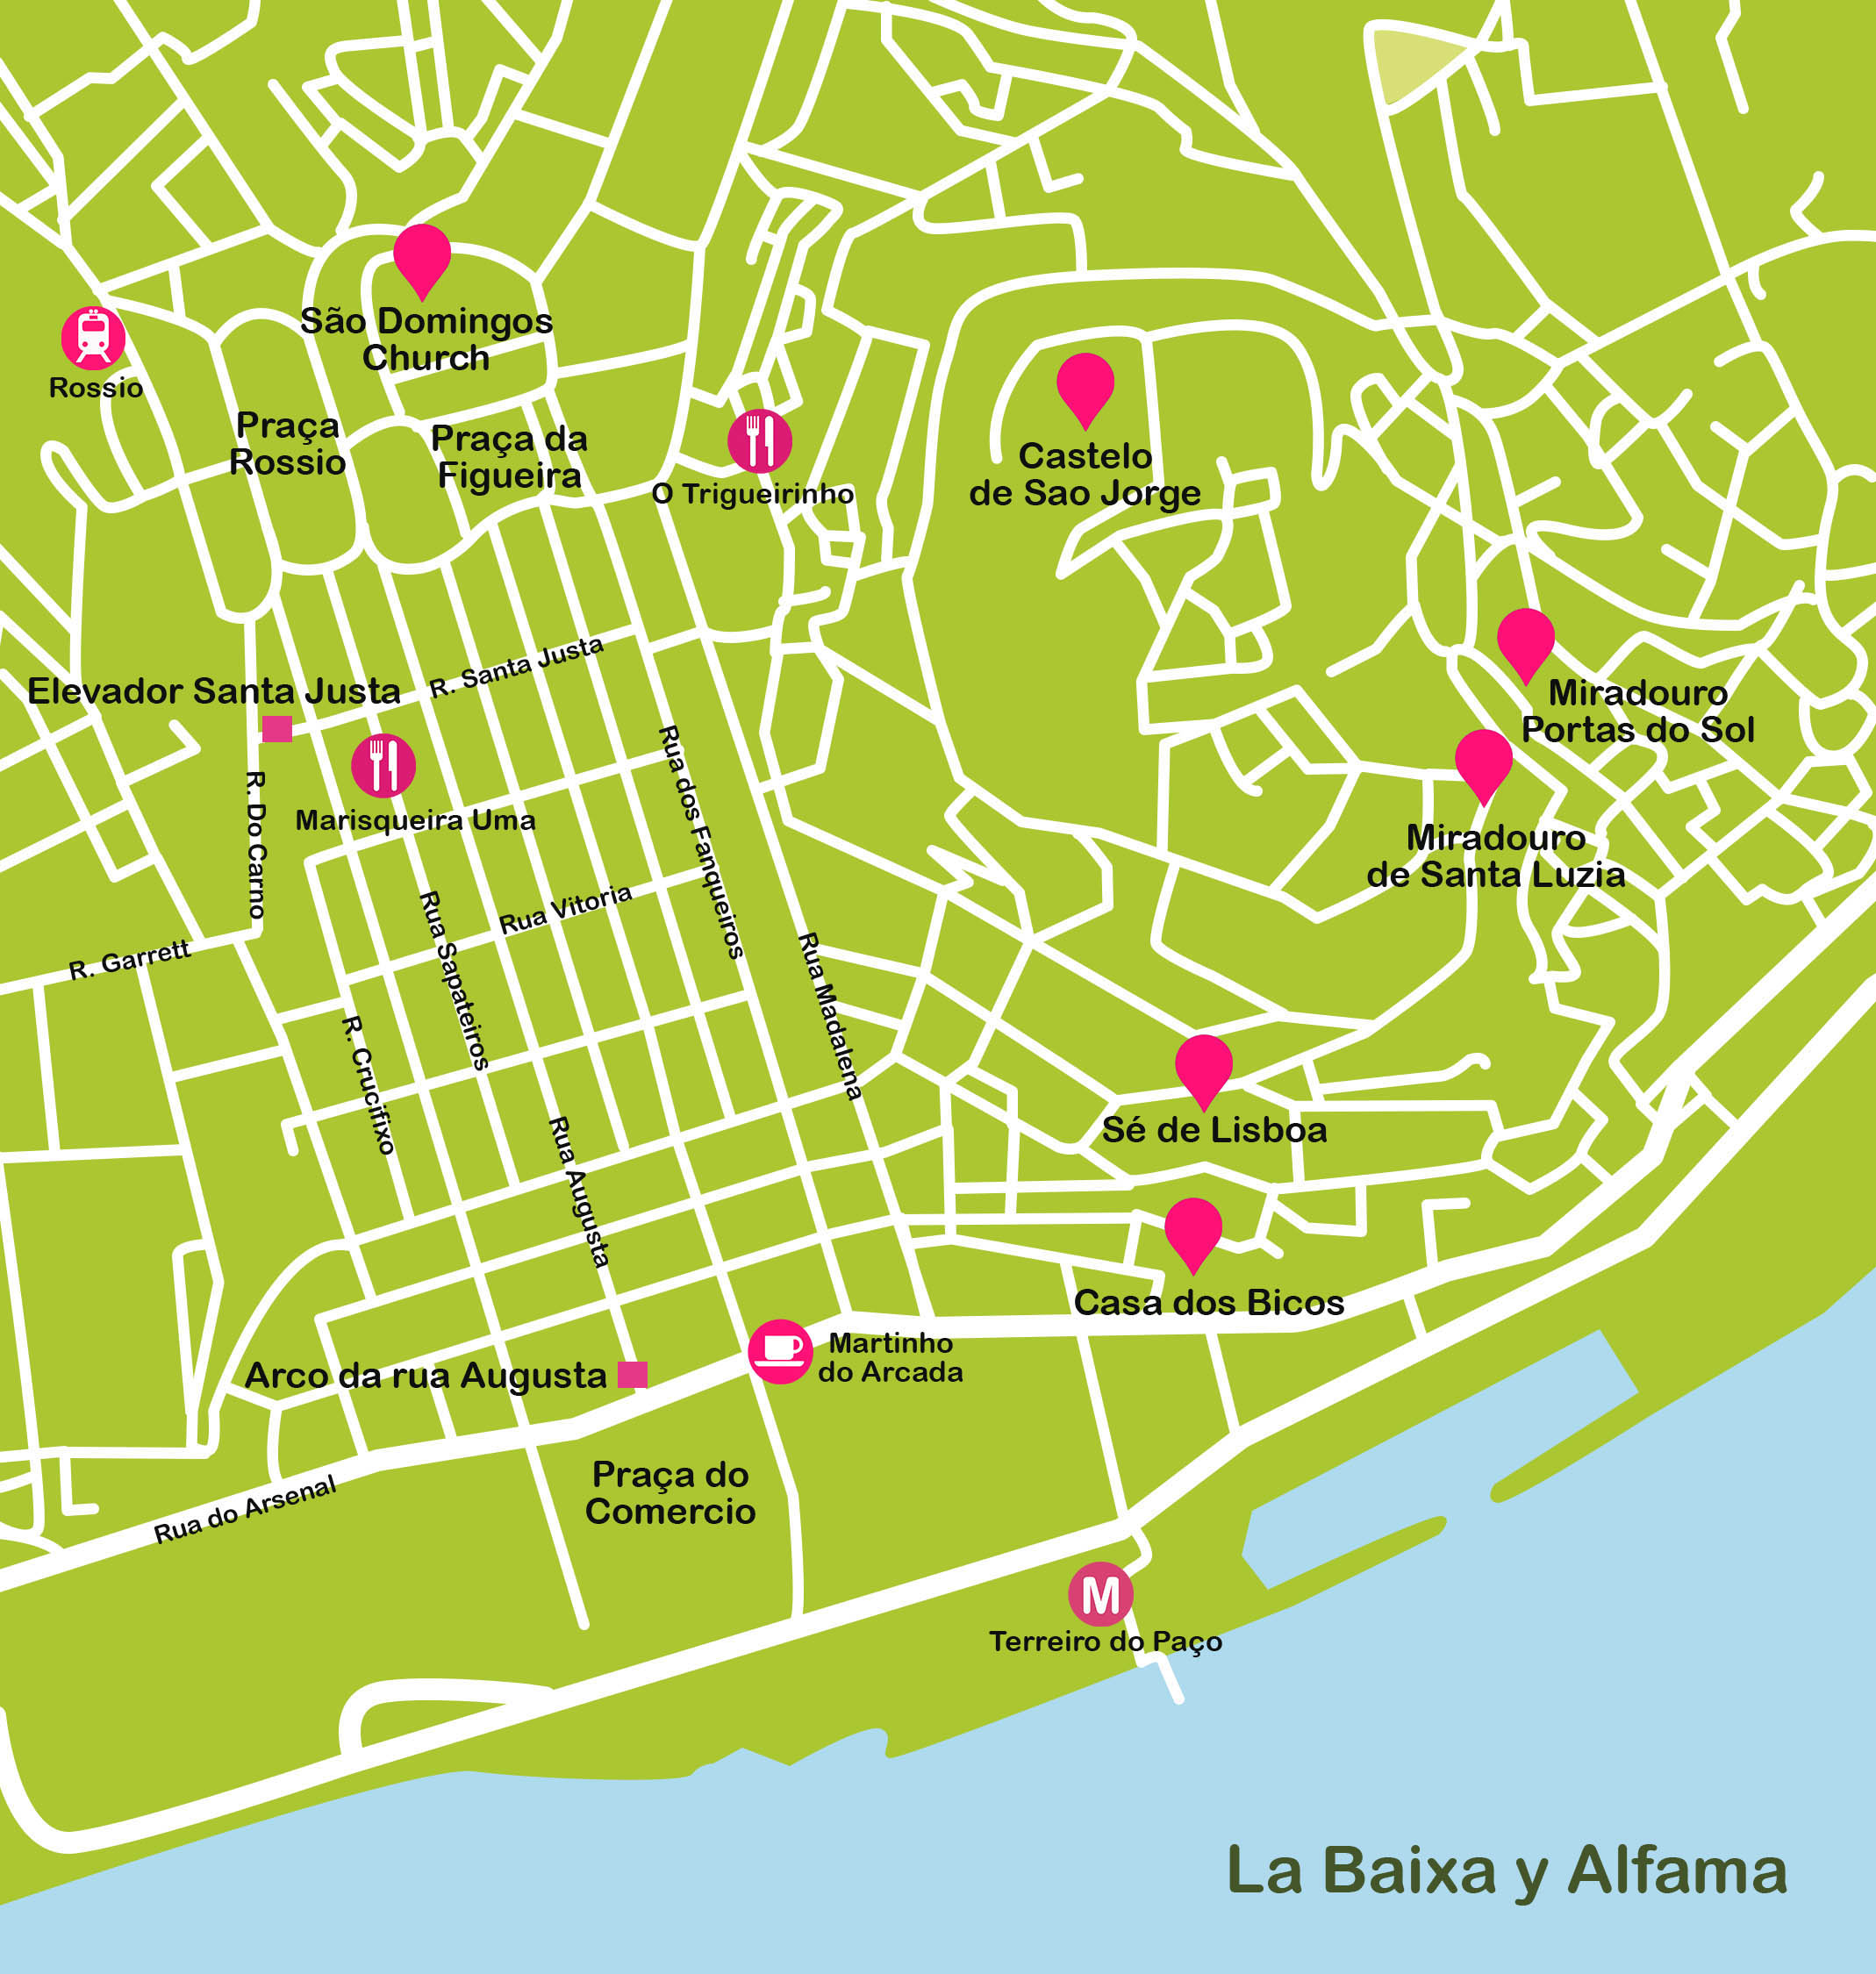 mapa de alfama lisboa Lisbon travel map | Lisbon plane mapa de alfama lisboa